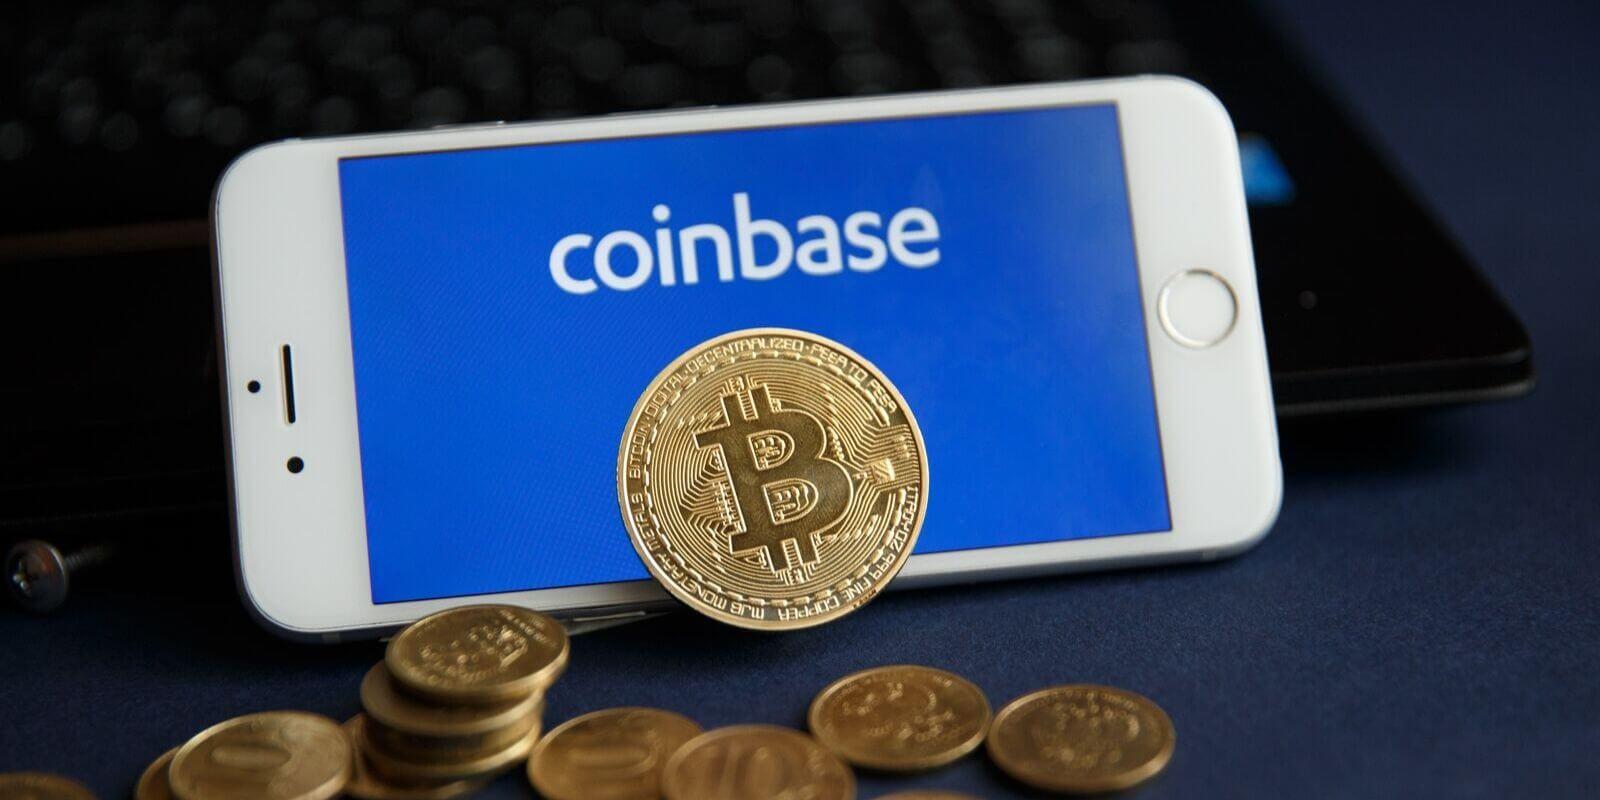 Vidéo Tuto Coinbase - Acheter des Bitcoins sans frais